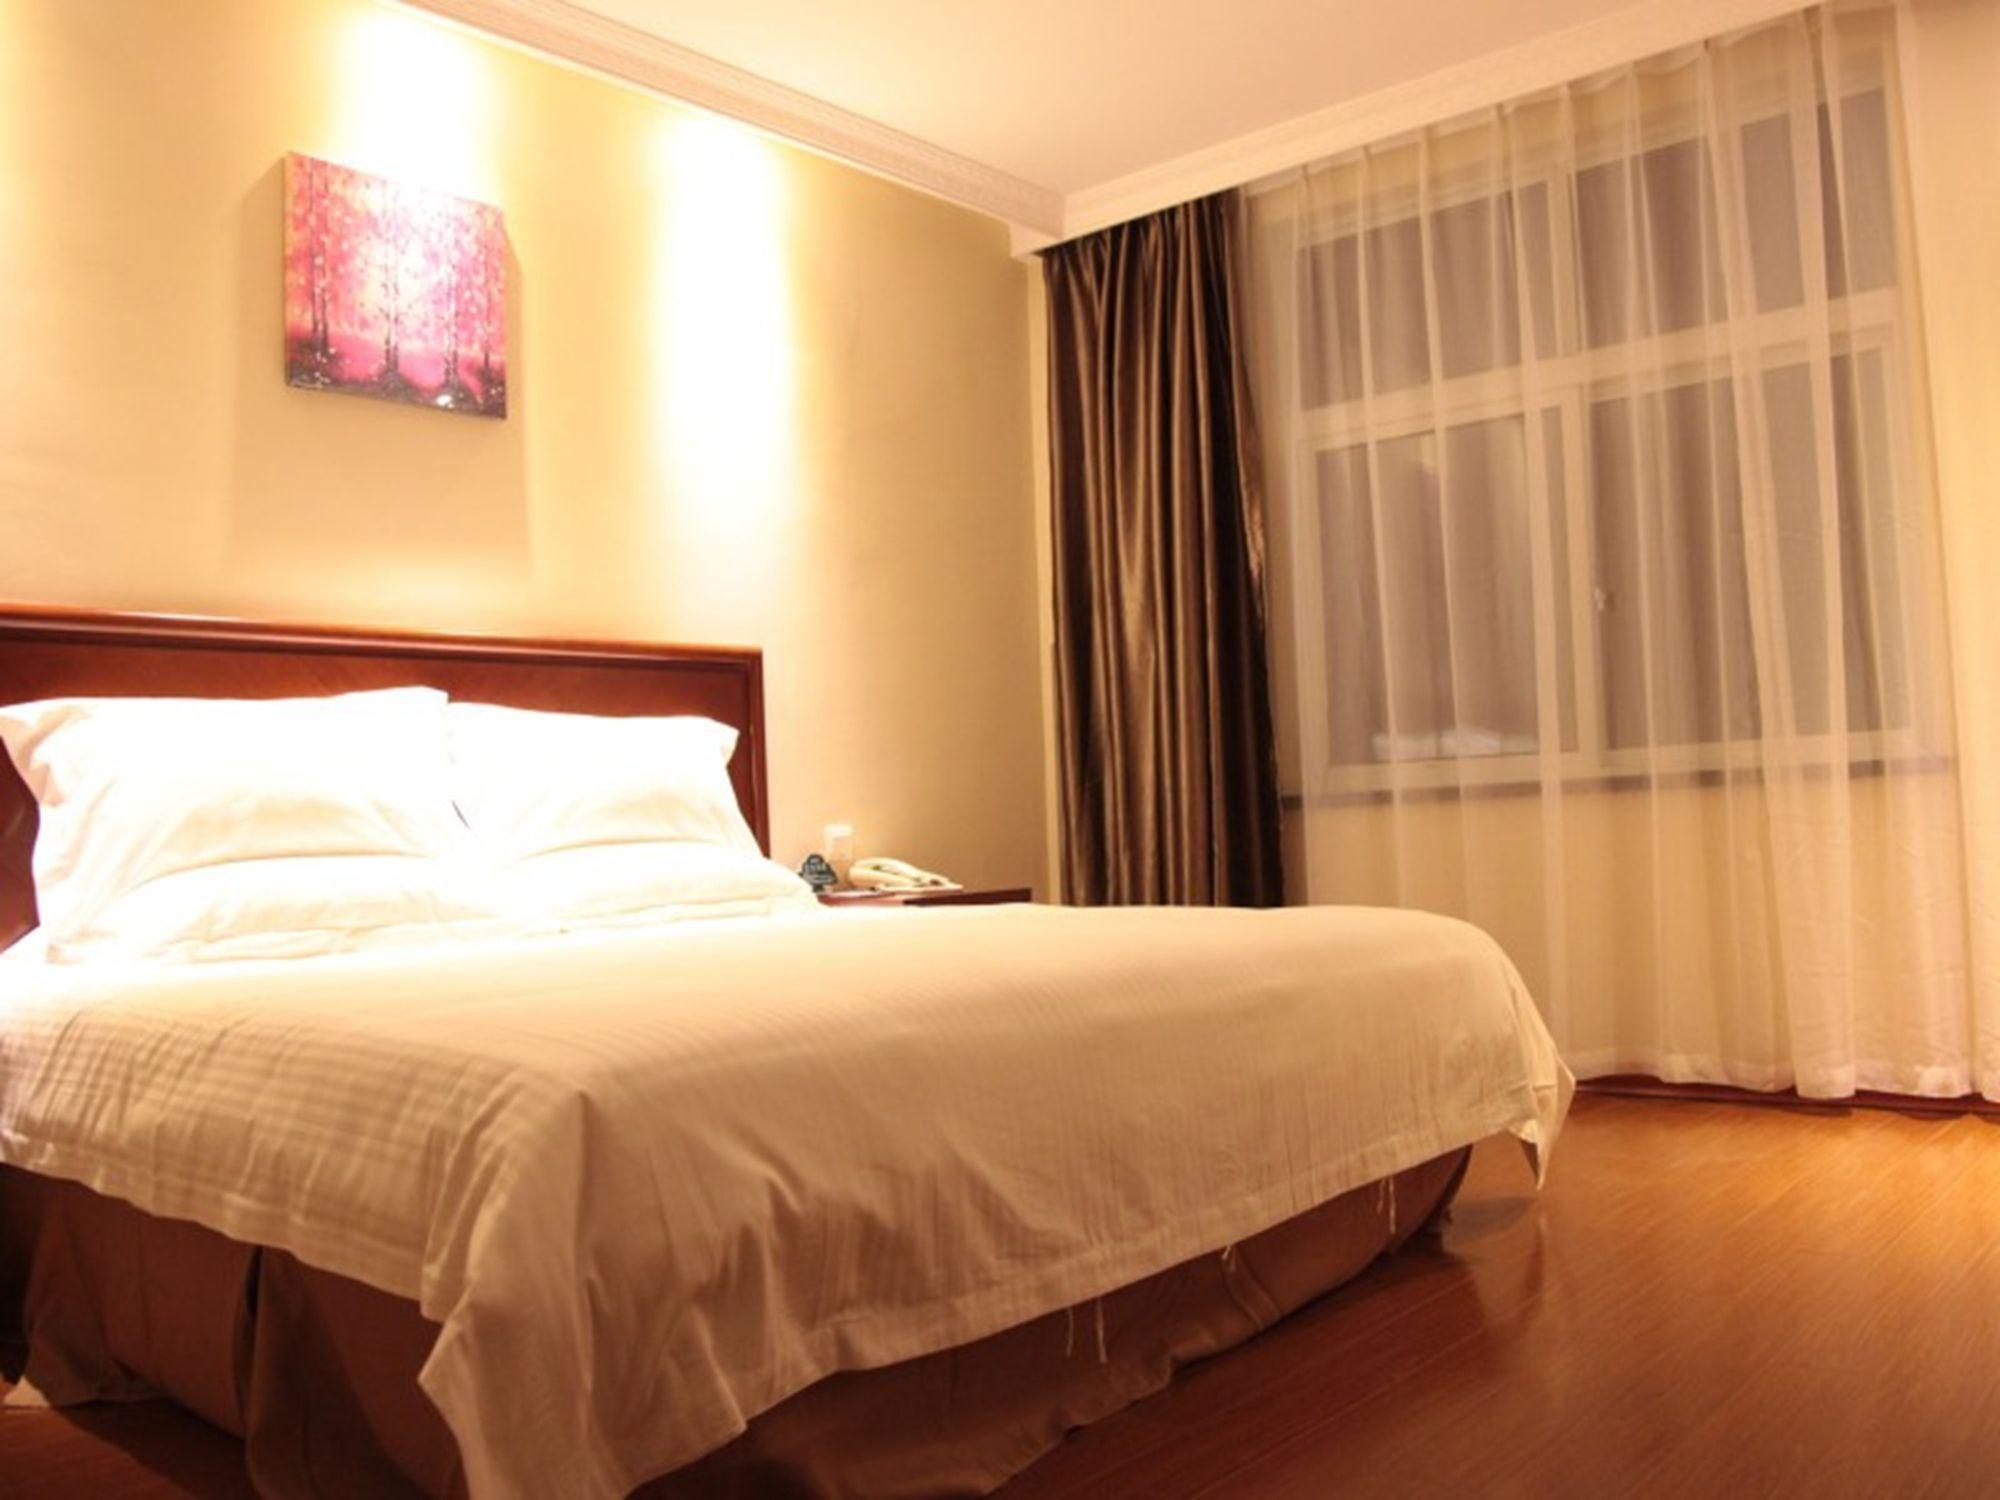 GreenTree Inn Jiangsu Huaian Economic Development Zone Hechang Road Business Hotel